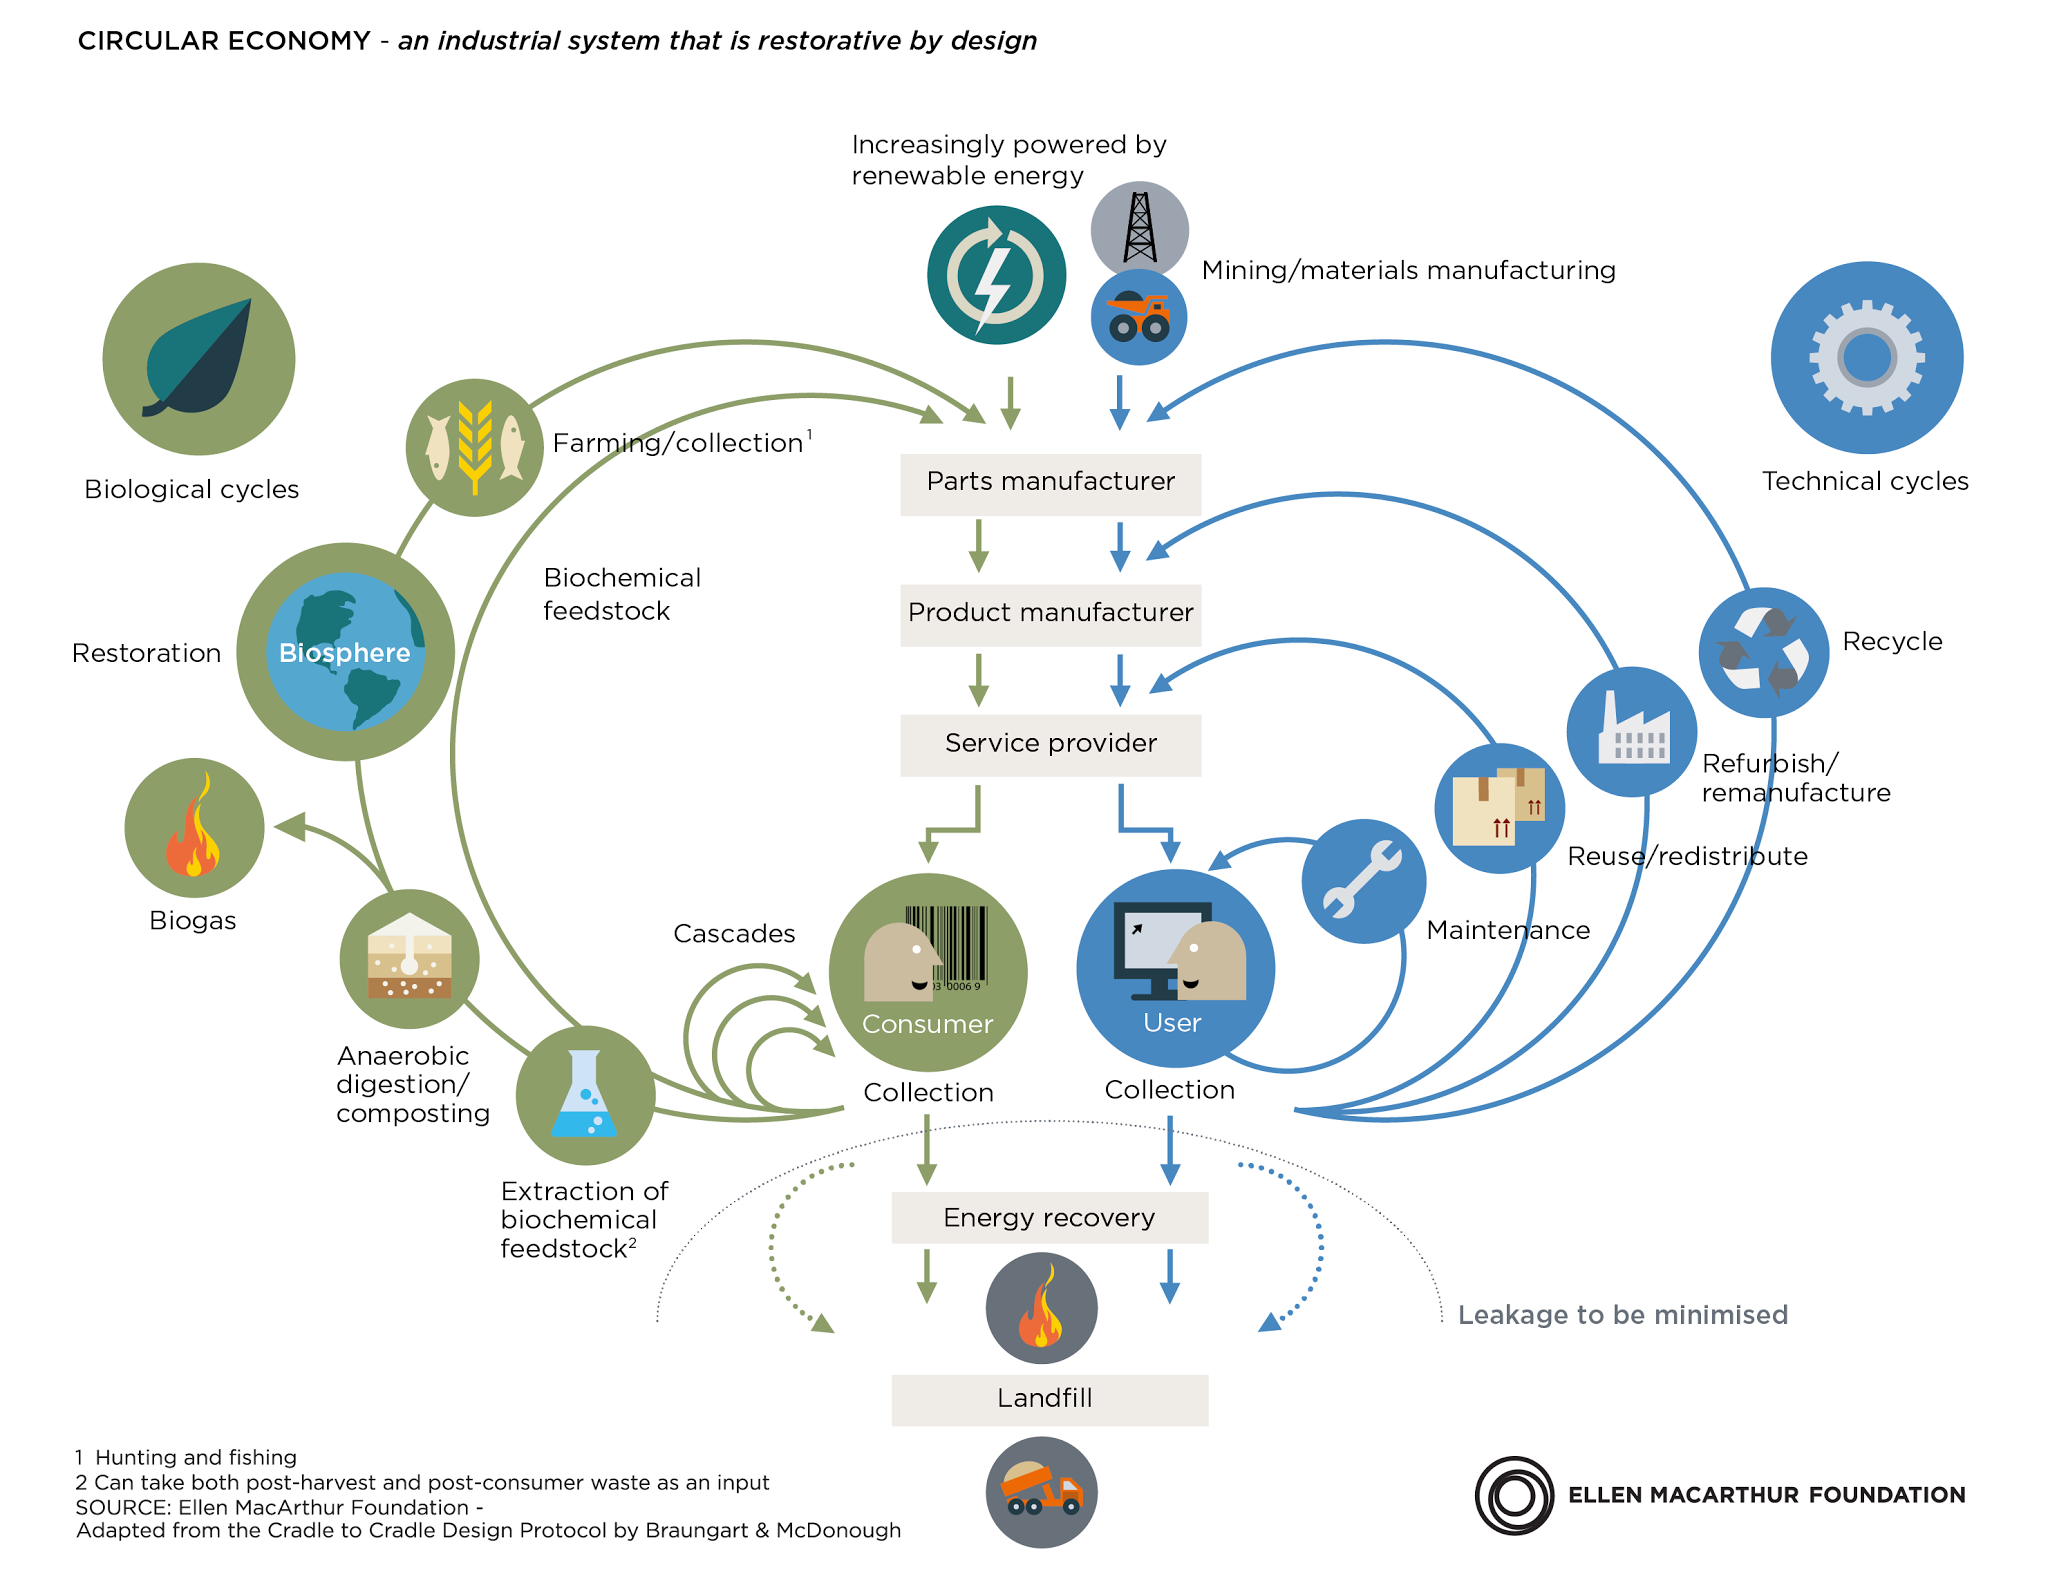 Curcular economy